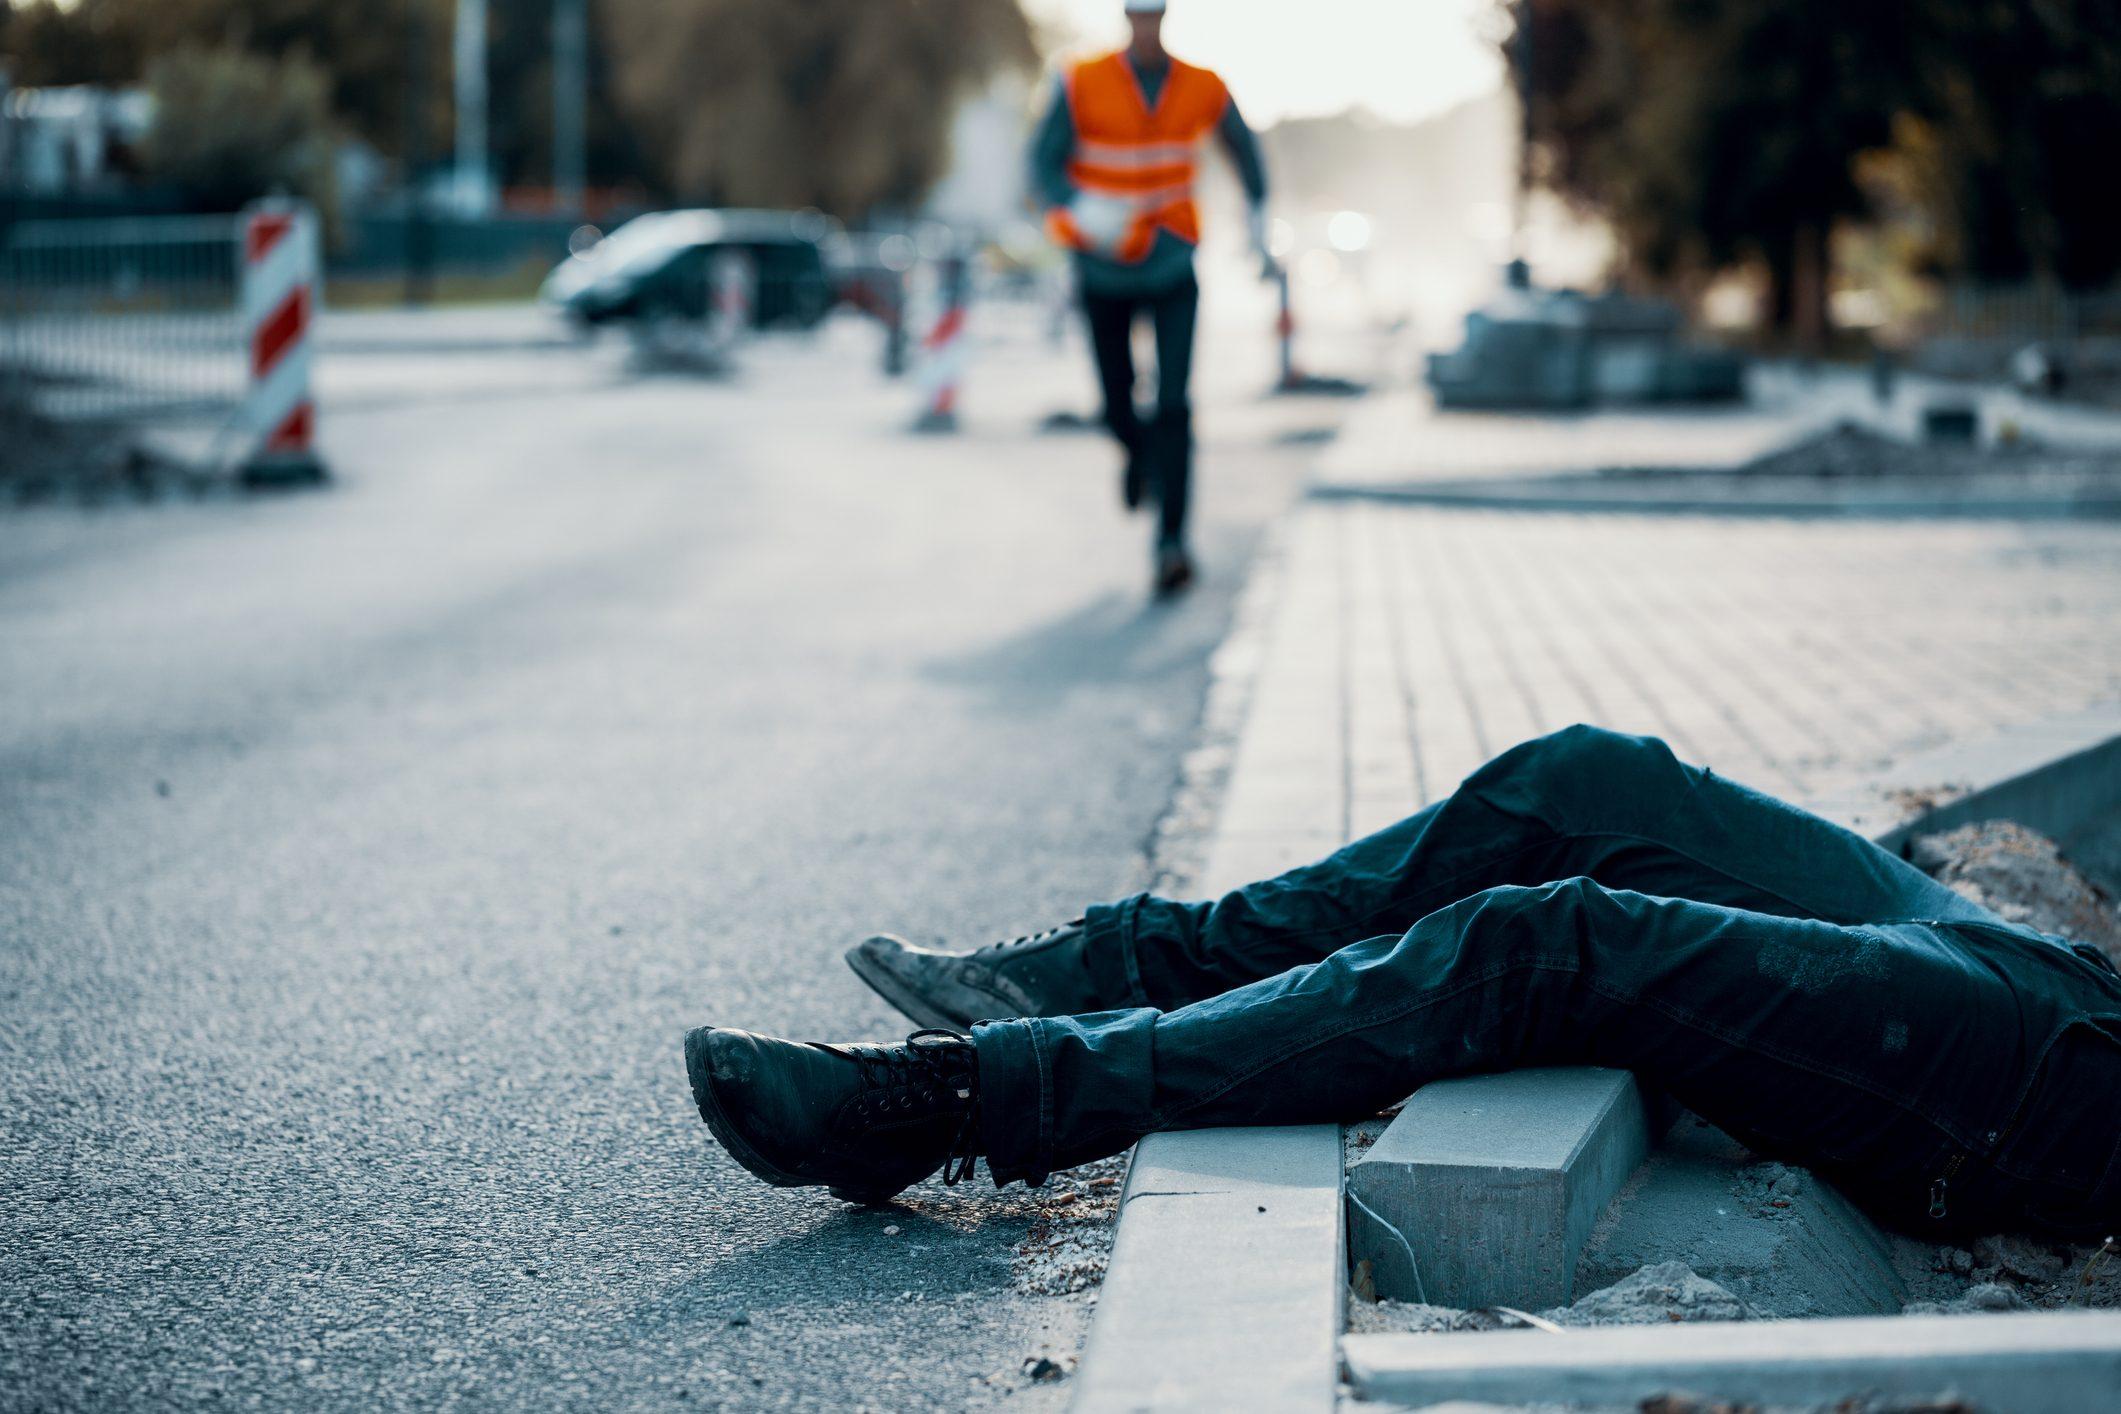 道路工事での事故の後に、通りに人を死んだ